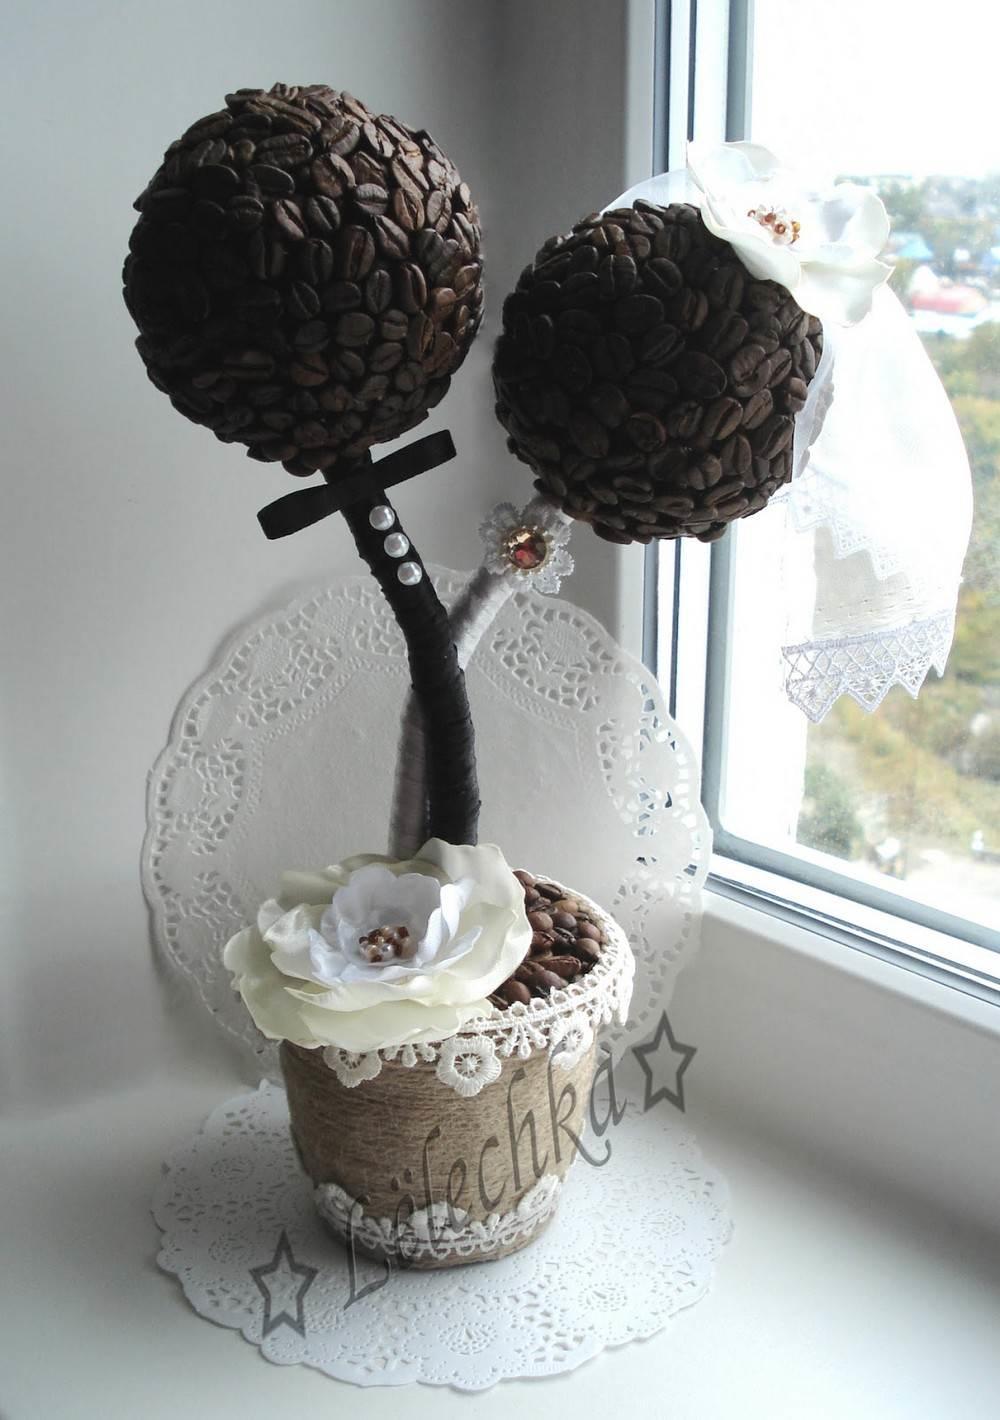 Если деревце украсит торжественный стол, оно должно слиться с декором праздника. Или же быть ярким, но тем не менее – органичным акцентом